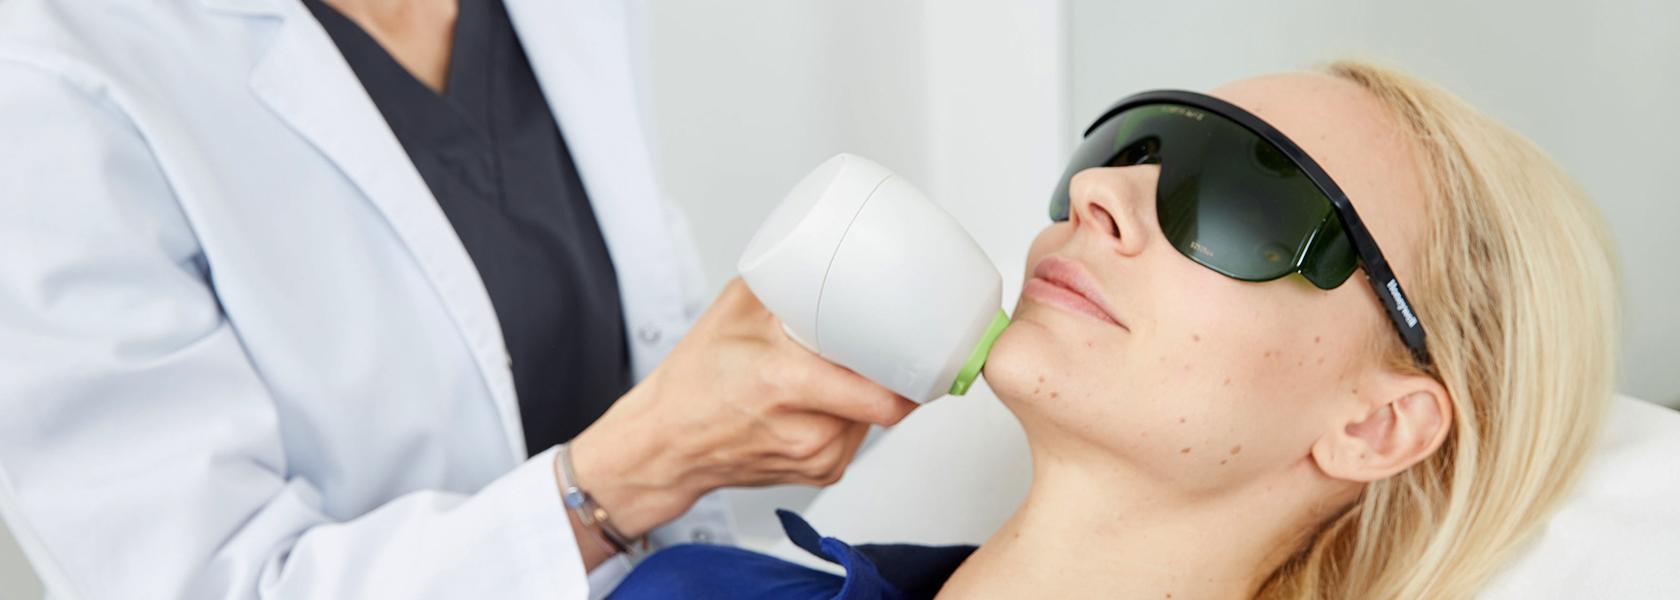 Kollerbeauty Laser Haarentfernung Linz